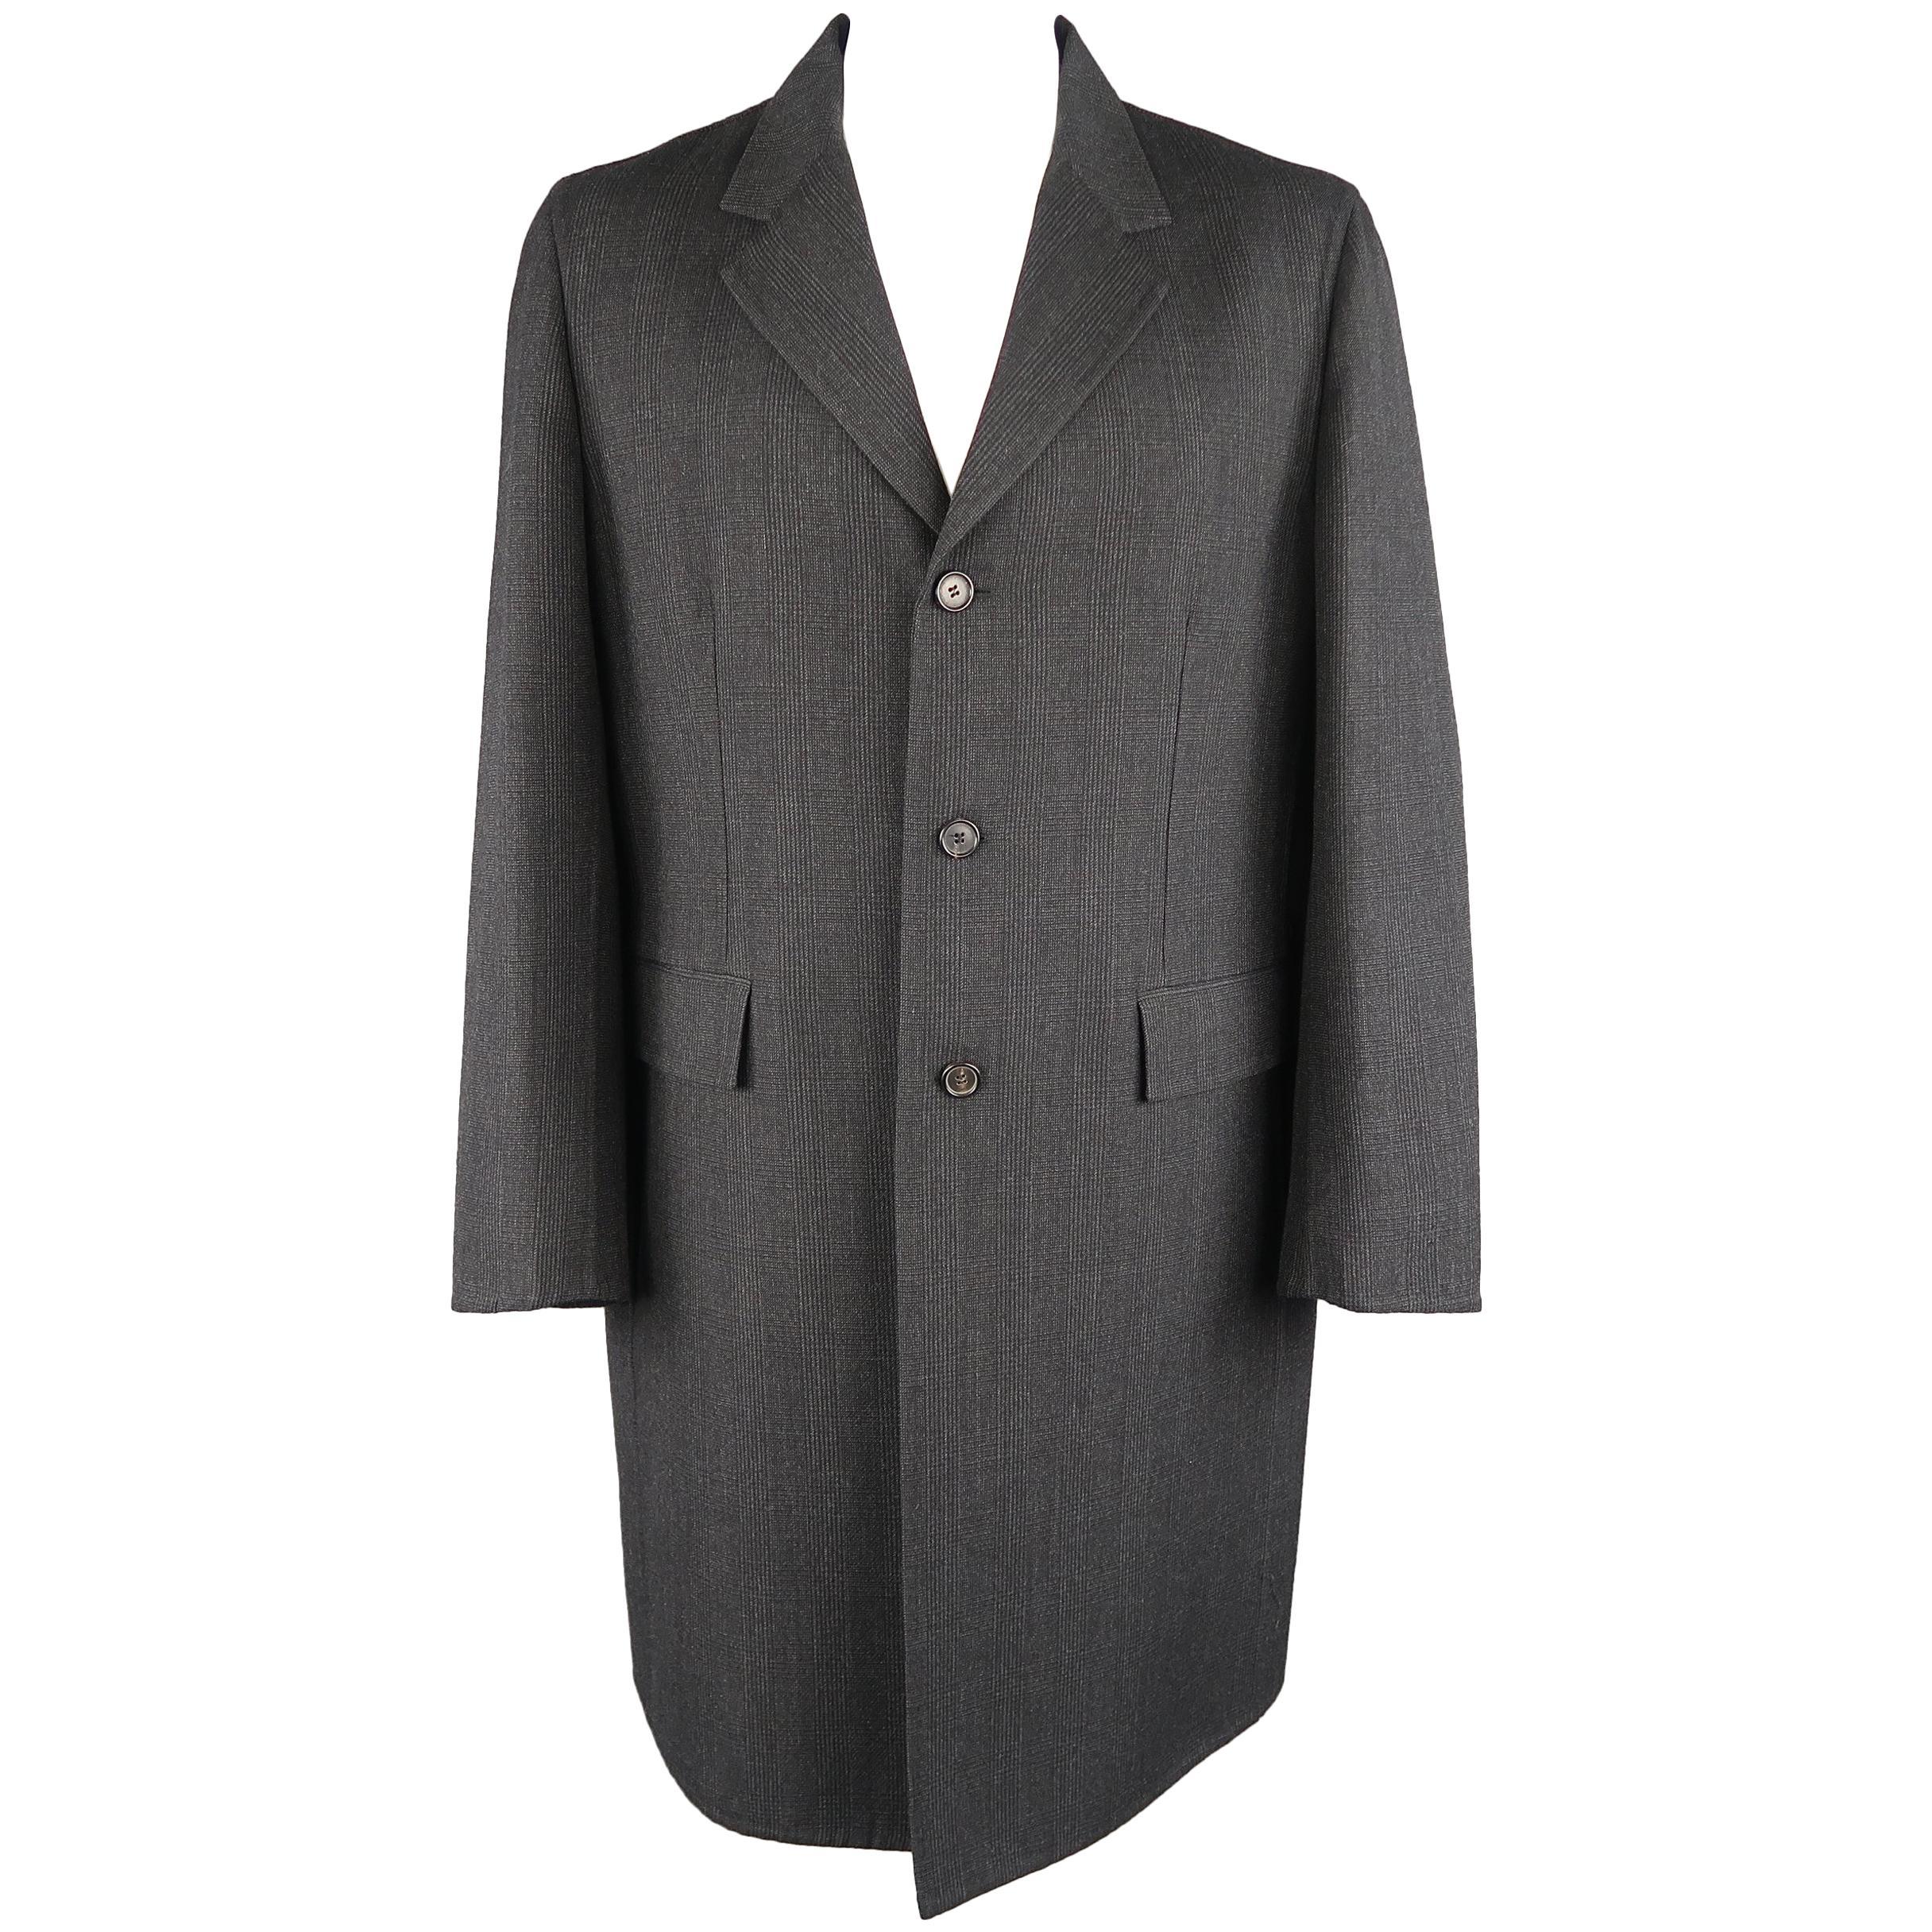 PRADA 46 Charcoal Glenplaid Wool Notch Lapel overcoat Coat Jacket